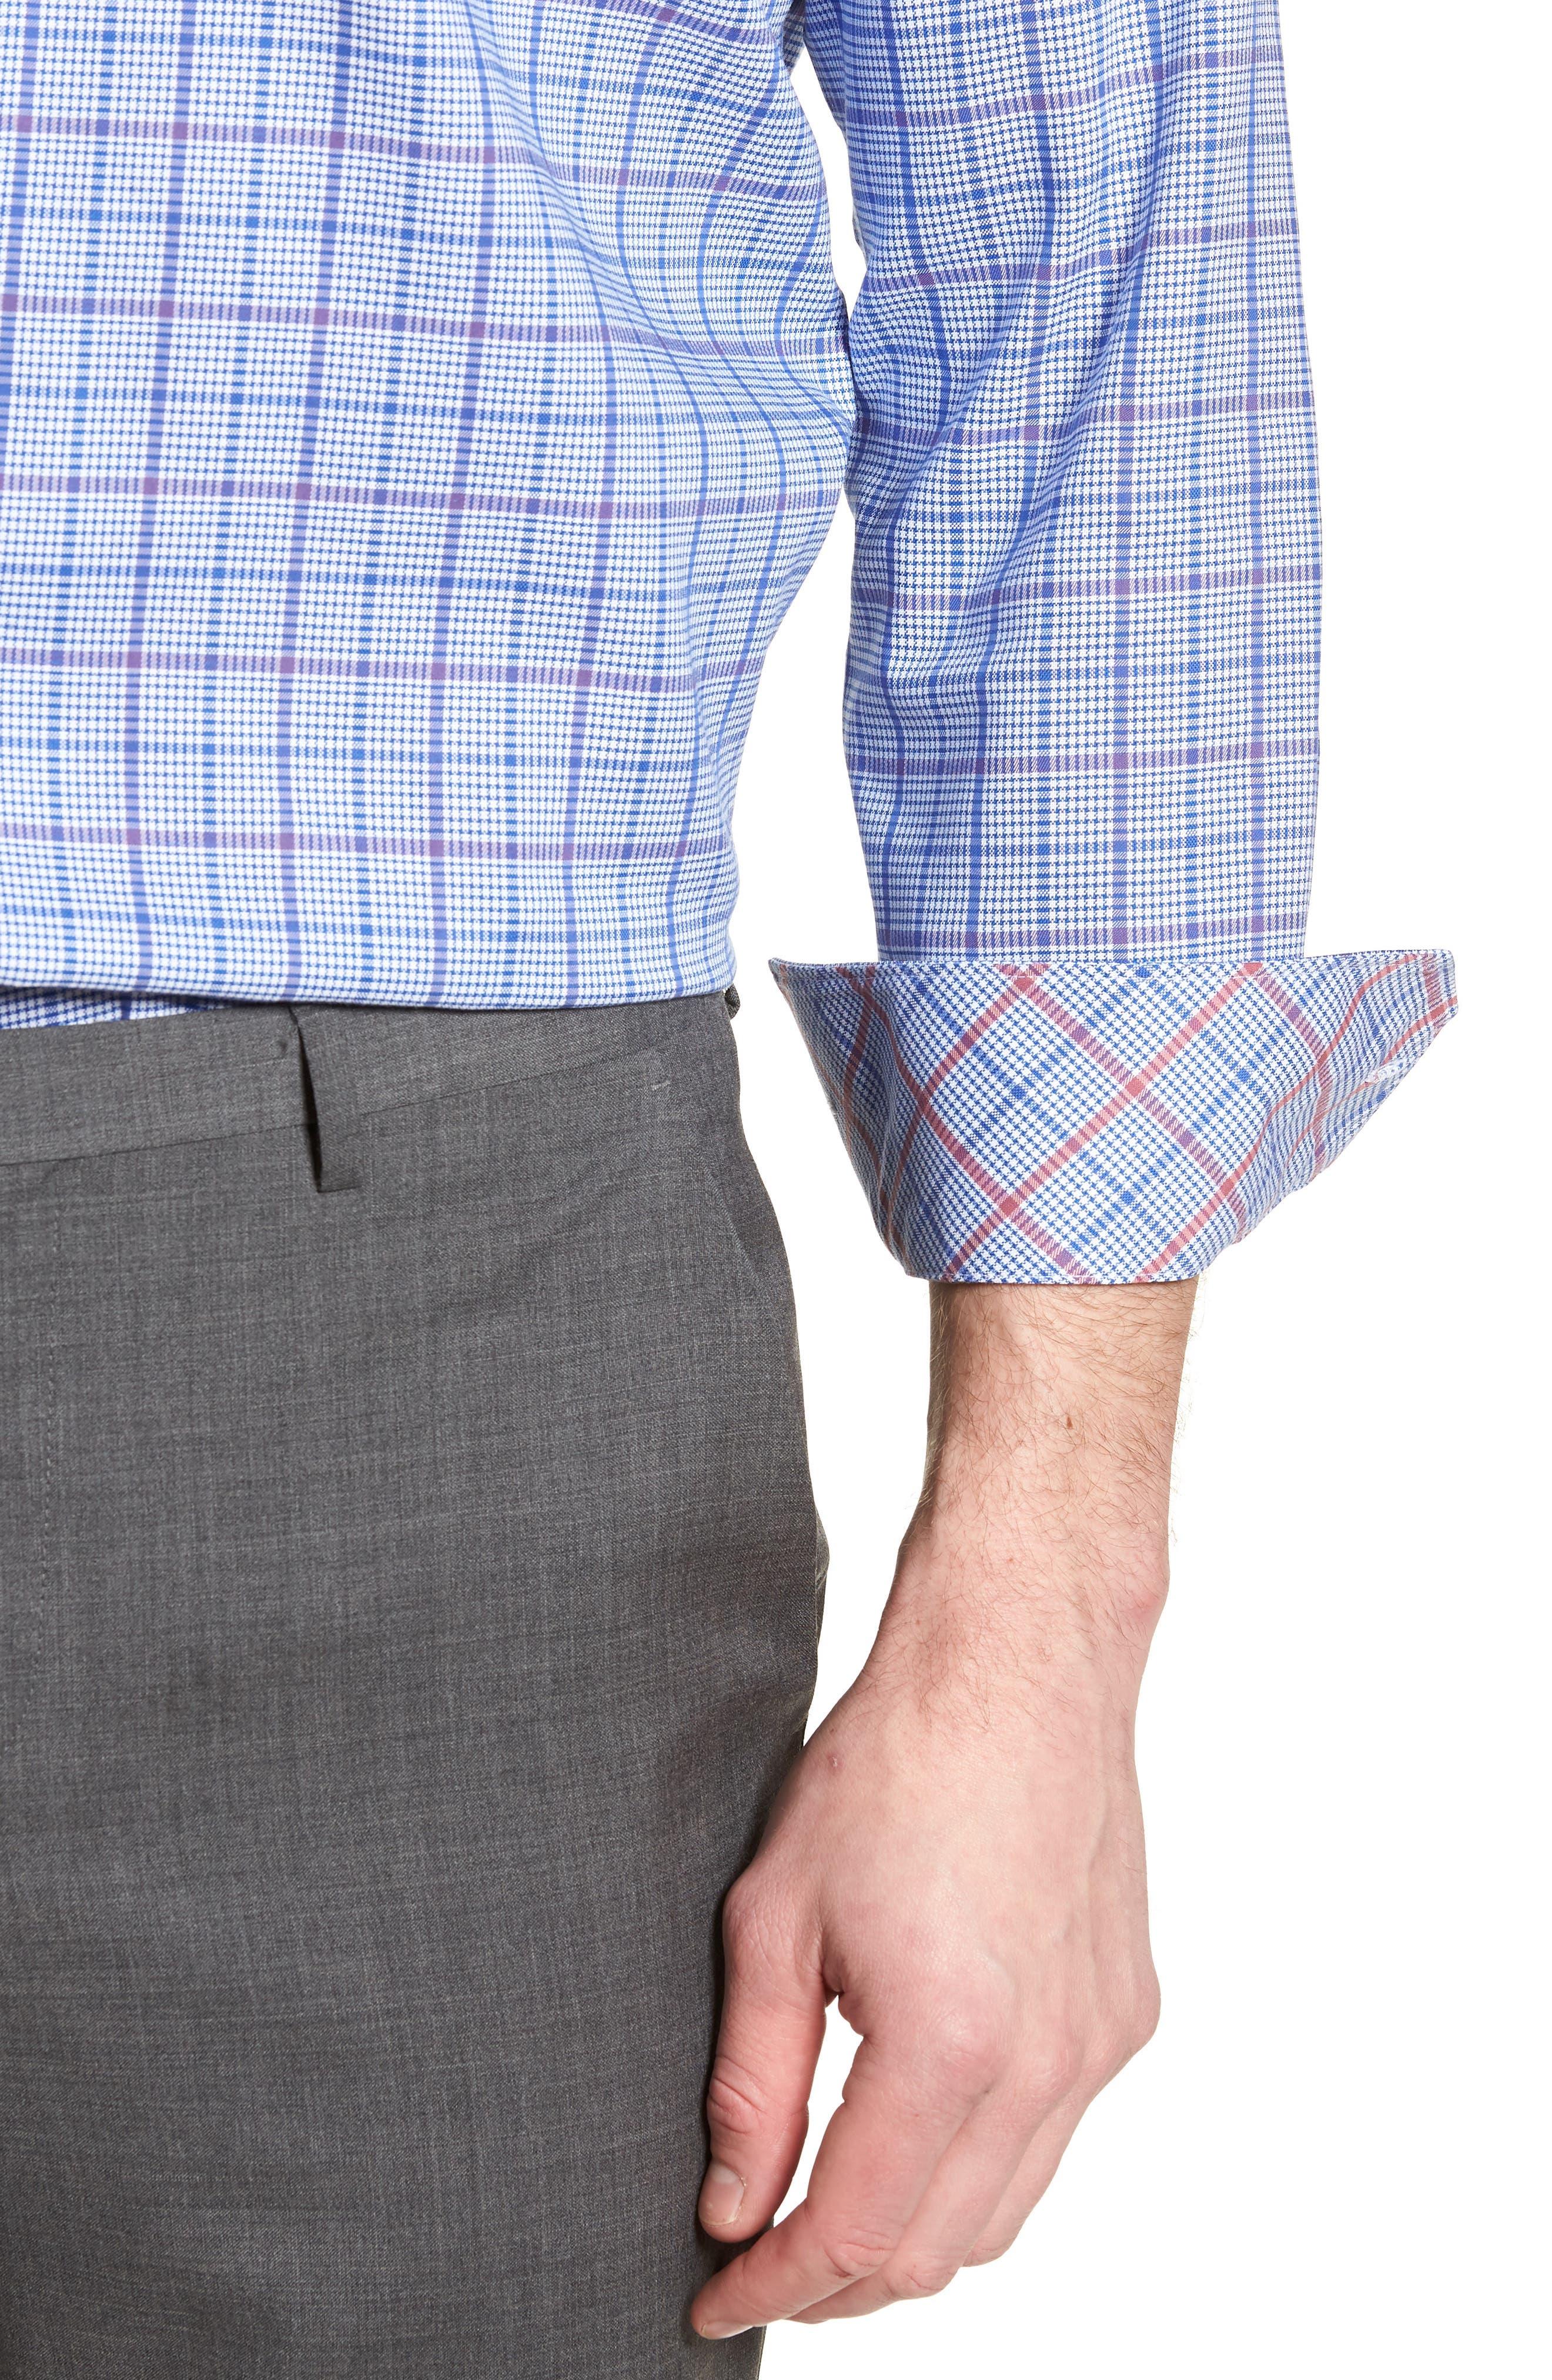 Kaden Trim Fit Plaid Dress Shirt,                             Alternate thumbnail 2, color,                             430